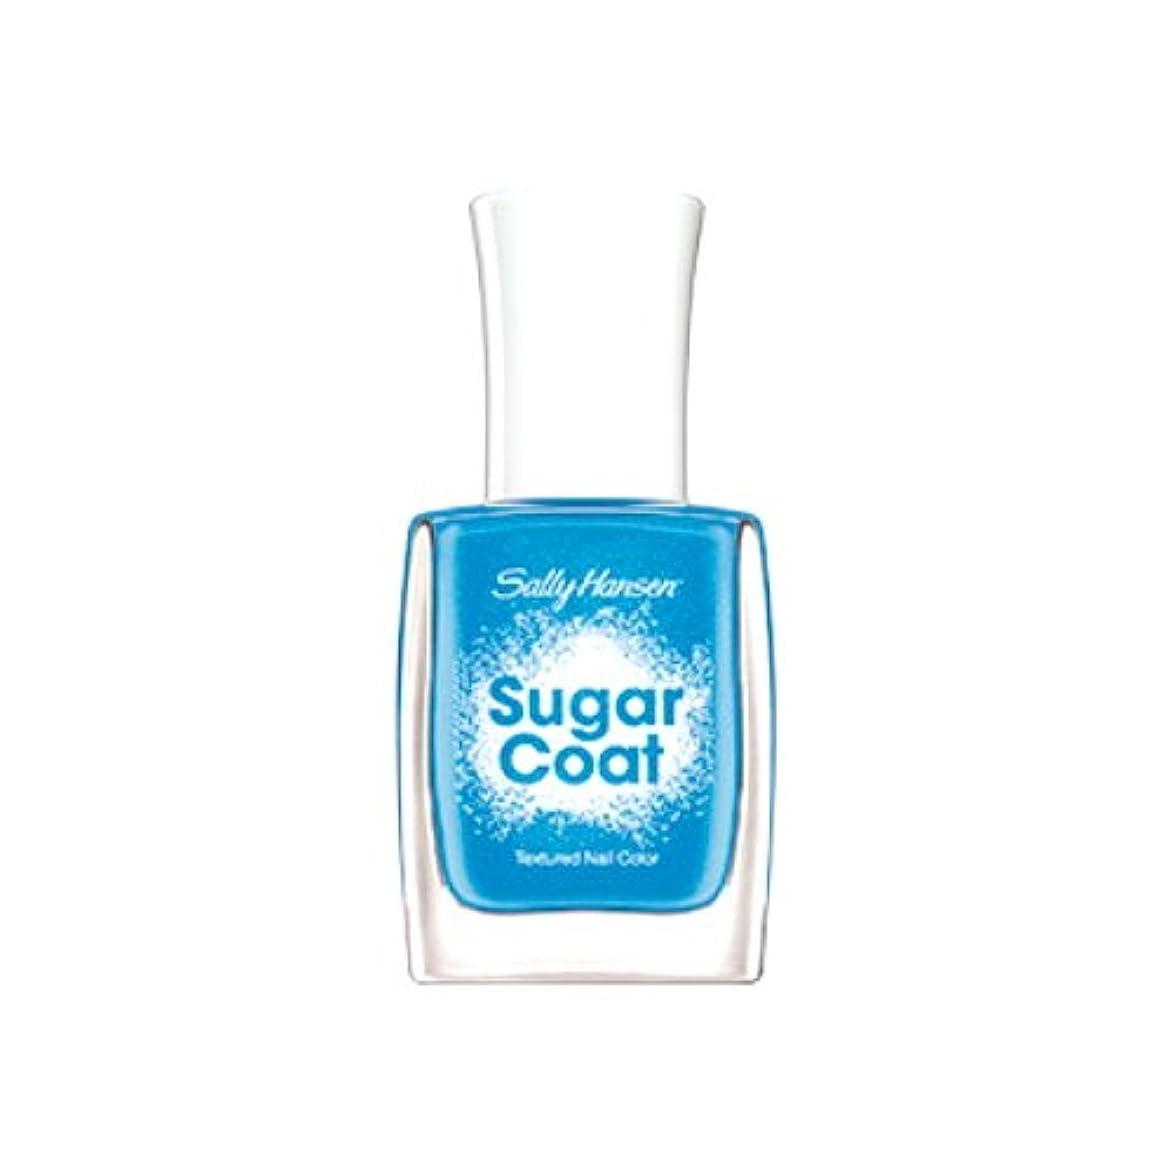 不確実図書館ありがたいSALLY HANSEN Sugar Coat Special Effect Textured Nail Color - Razzle-berry (並行輸入品)